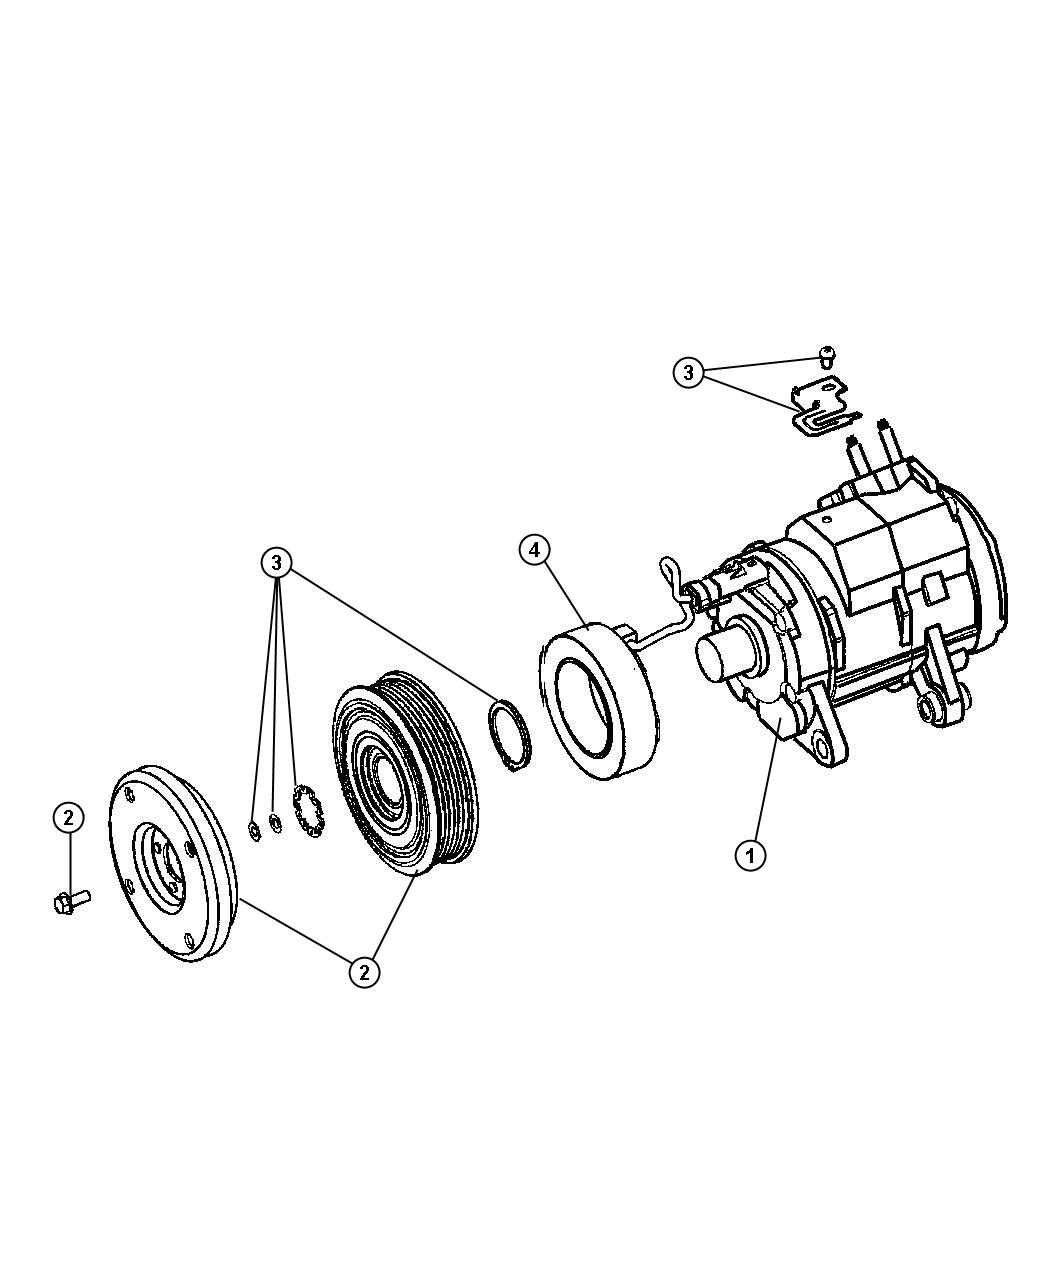 Dodge Durango Slt 5 7l V8 4x2 Compressor Air